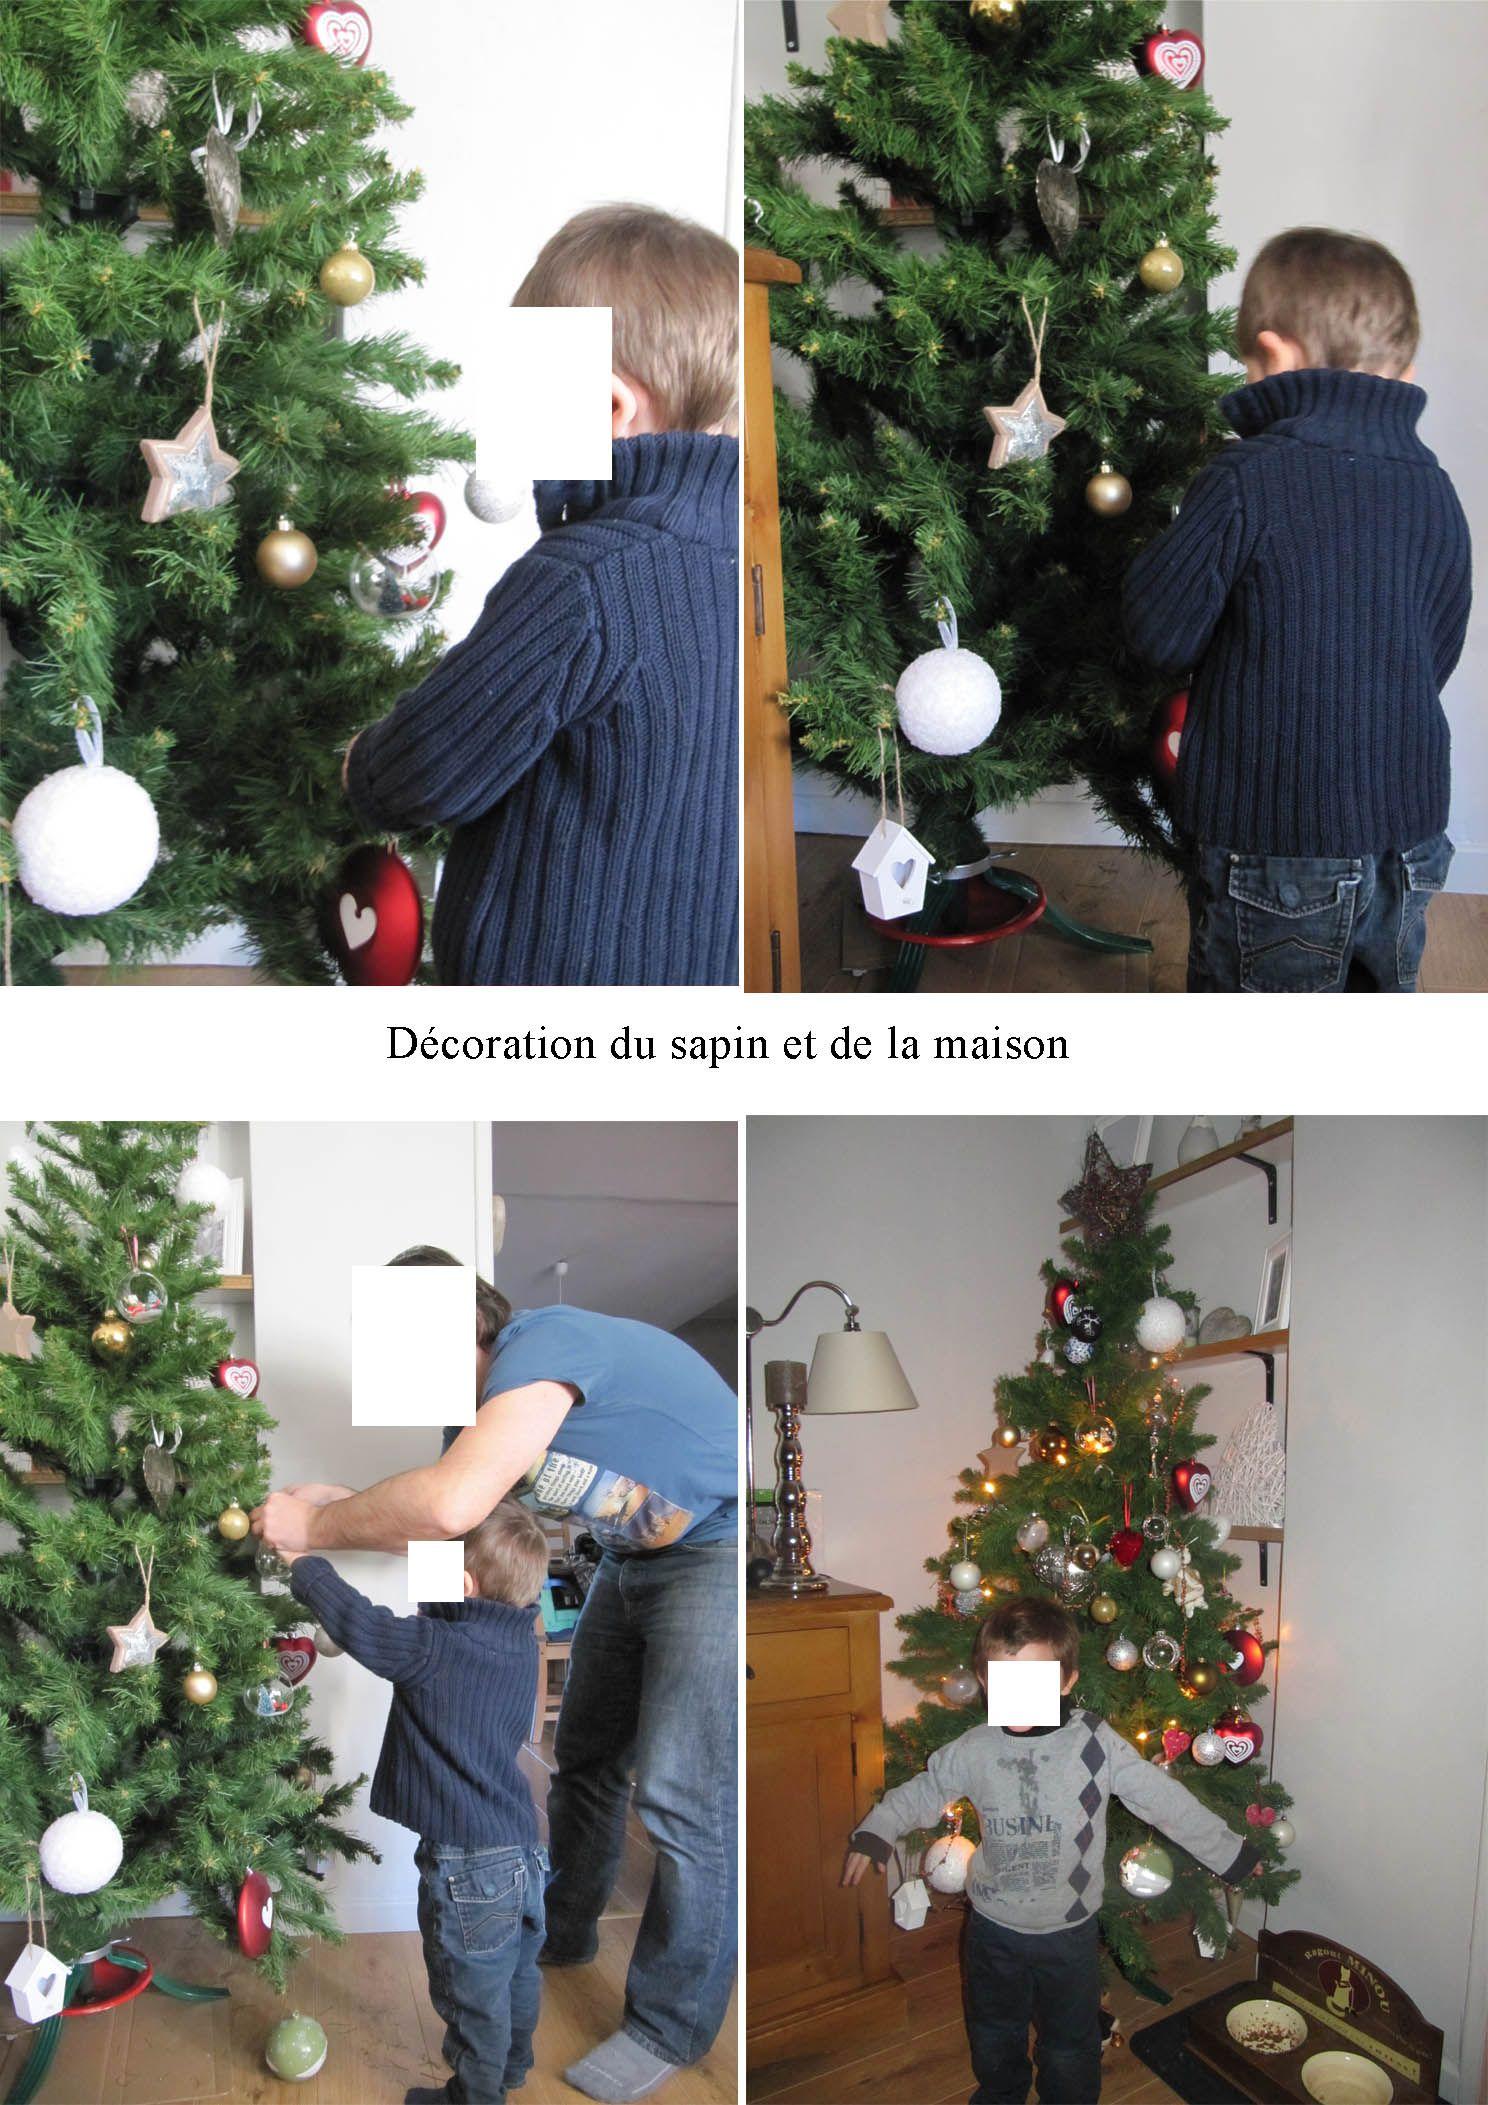 D coration du sapin de no l et de la maison - Decoration de noel pour la maison ...